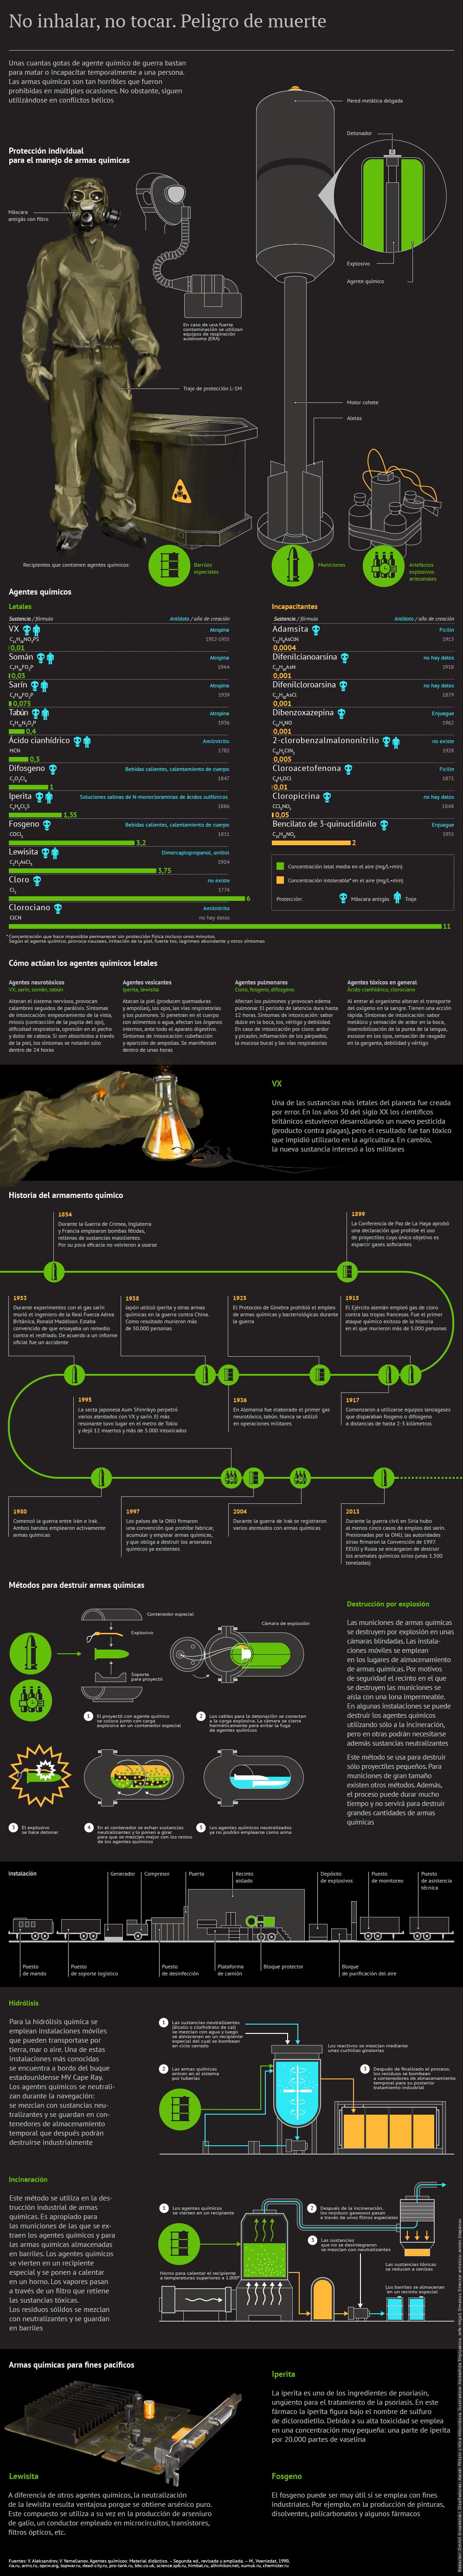 Armas químicas: clasificación y métodos de destrucción